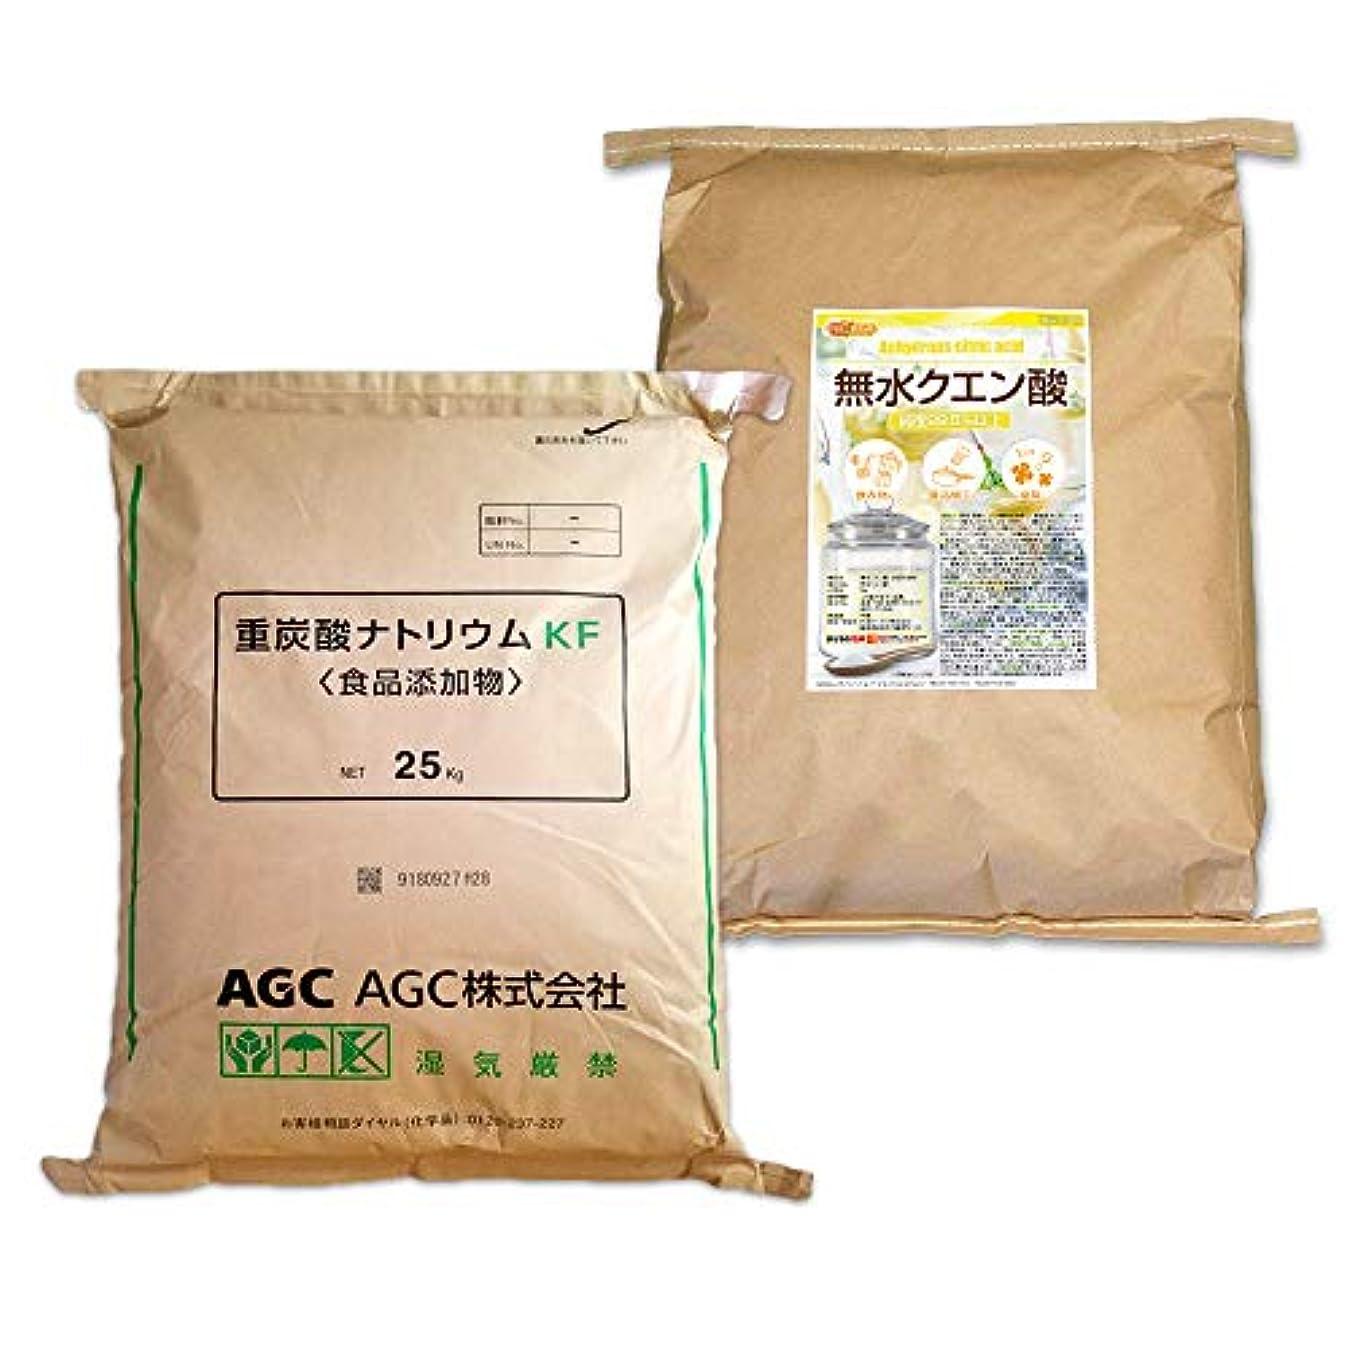 アスリート一族トークンAGC製 重曹 25kg + 無水 クエン酸 25kg セット [02] 【同梱不可】NICHIGA(ニチガ)